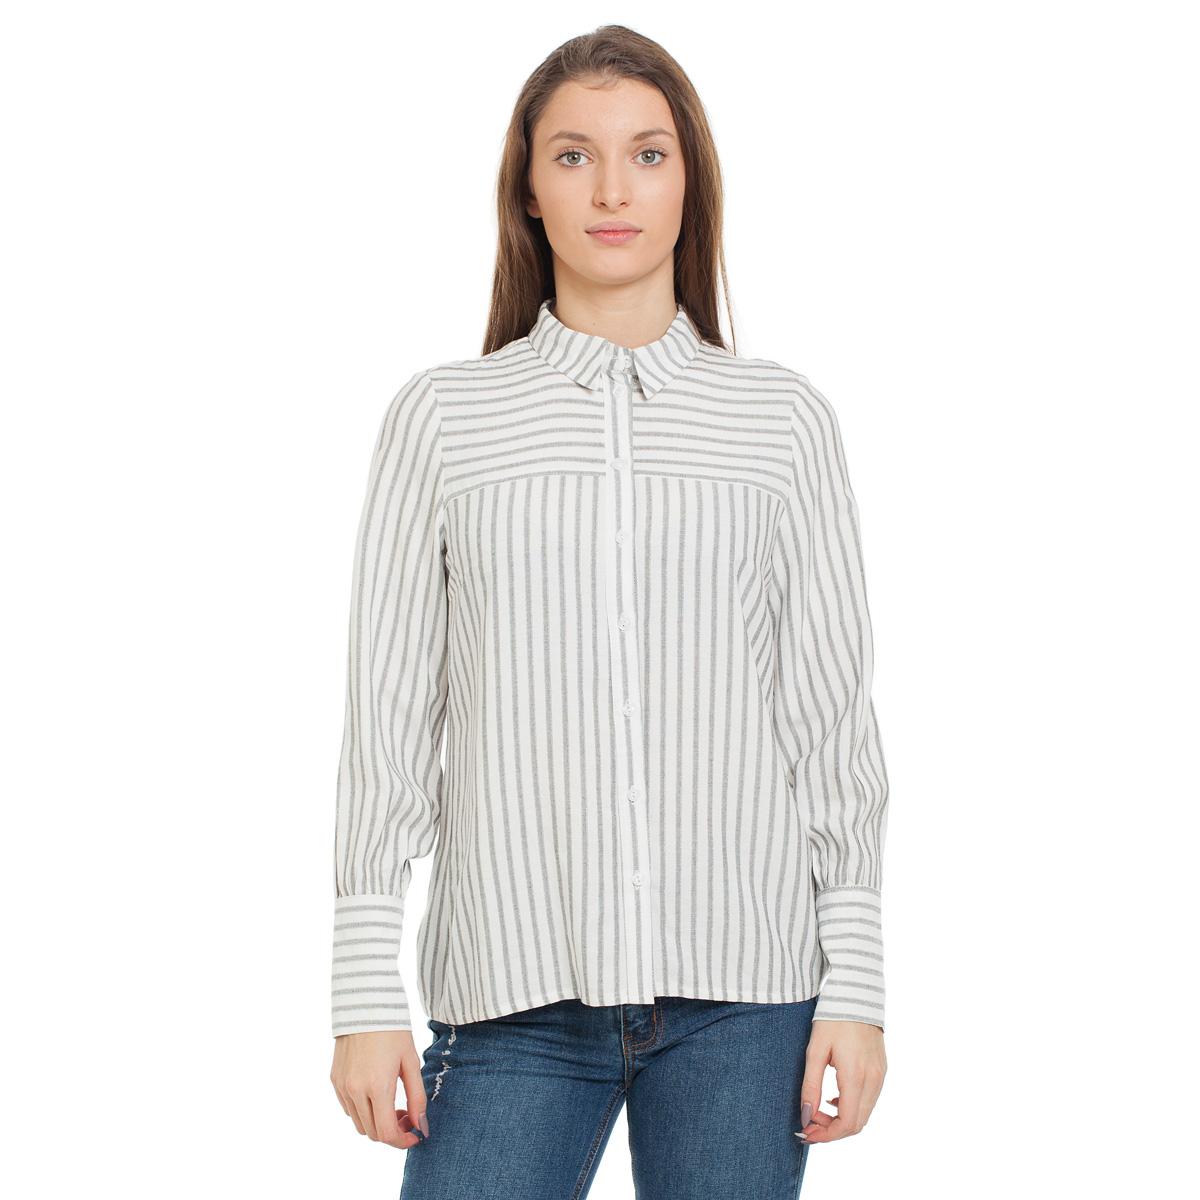 Рубашка Sevenext, MD-392/2